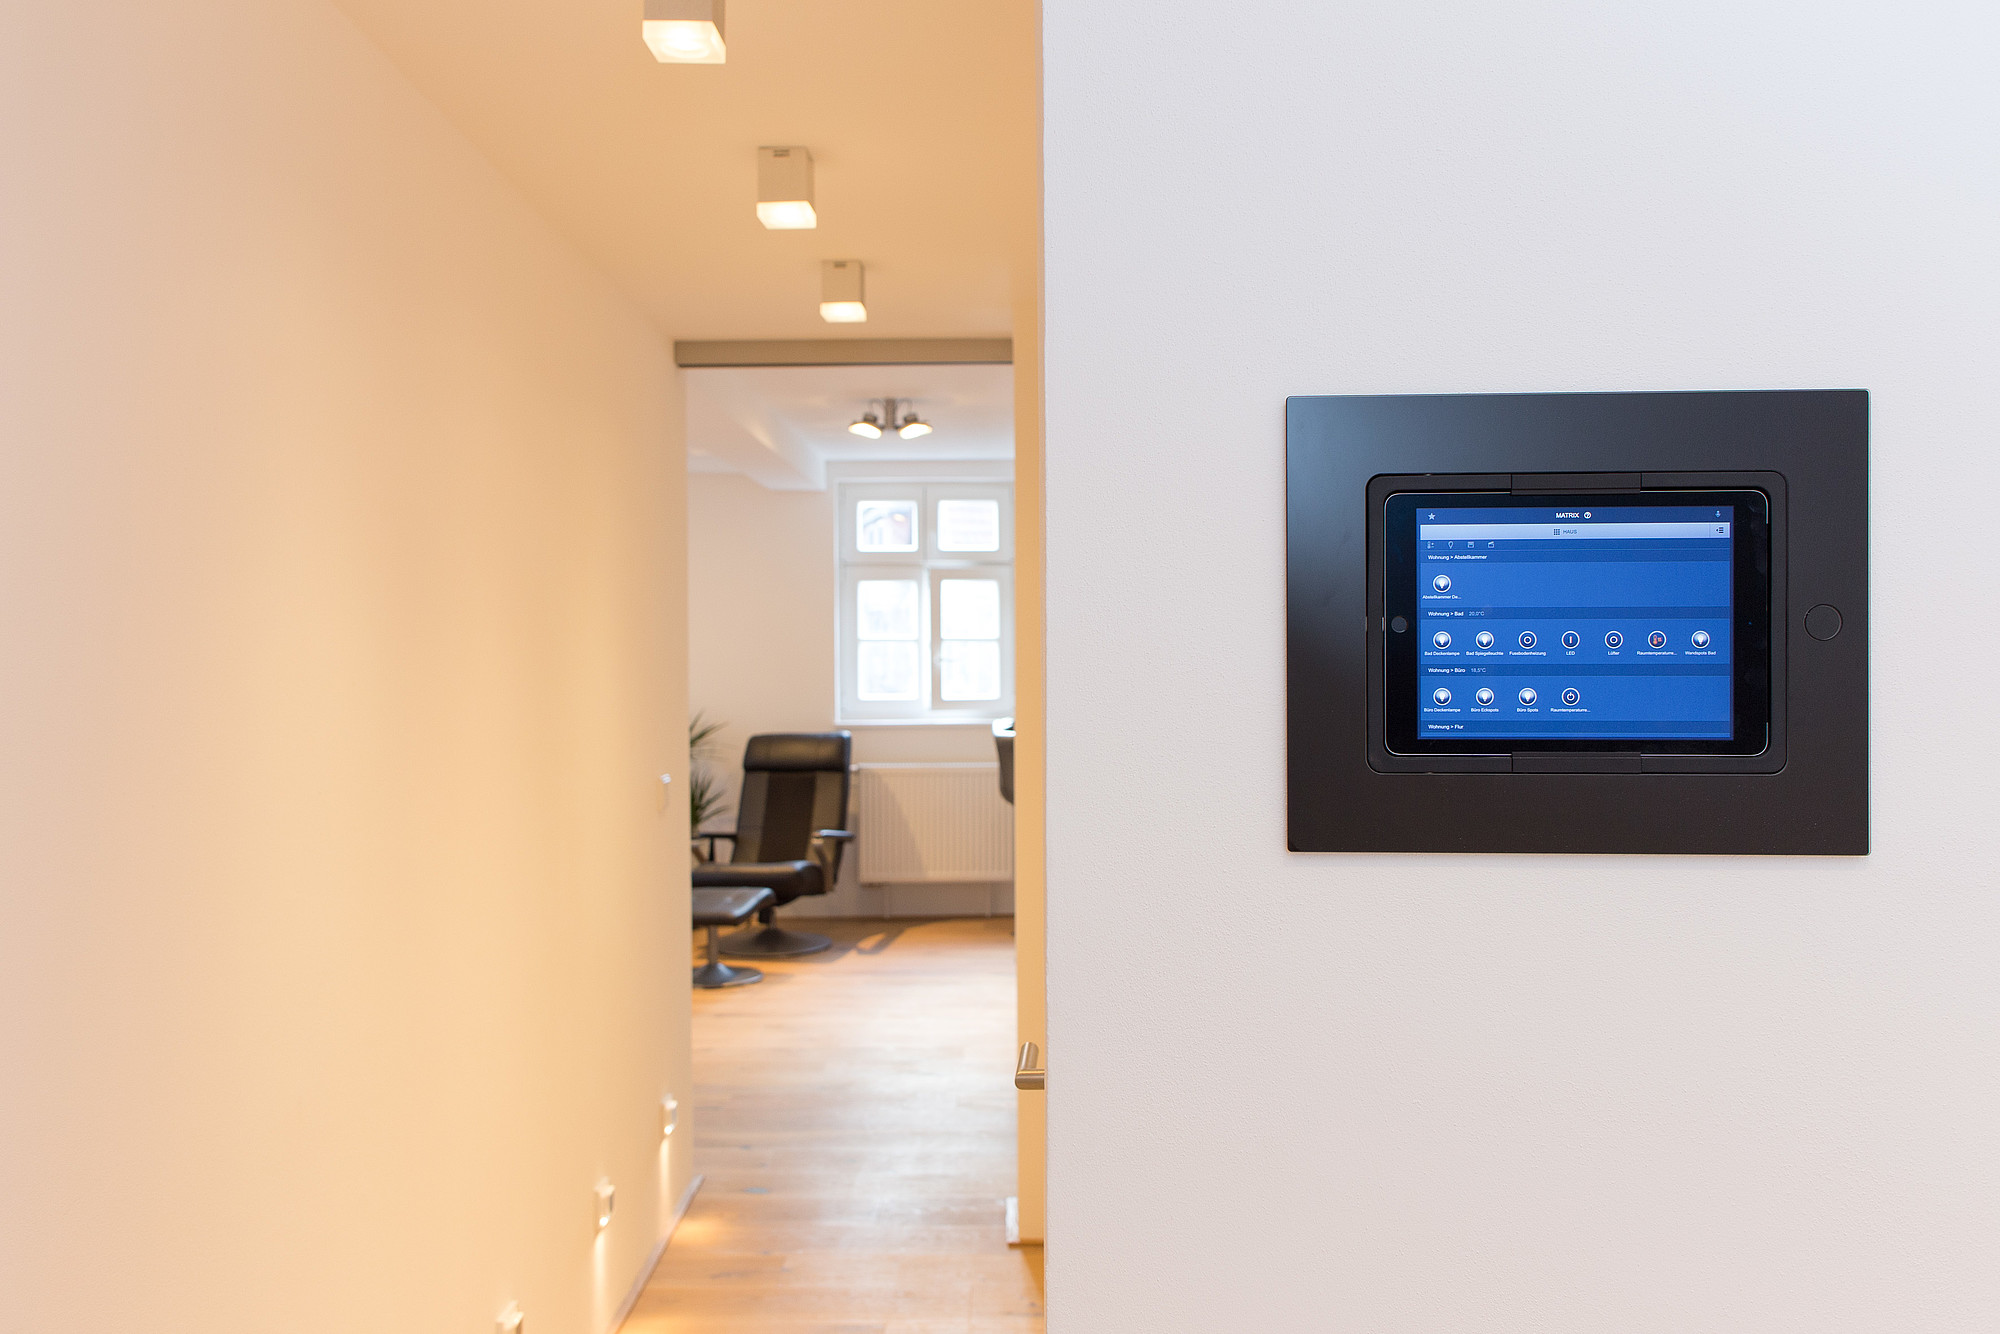 Immobilienfotografie - Smart Home